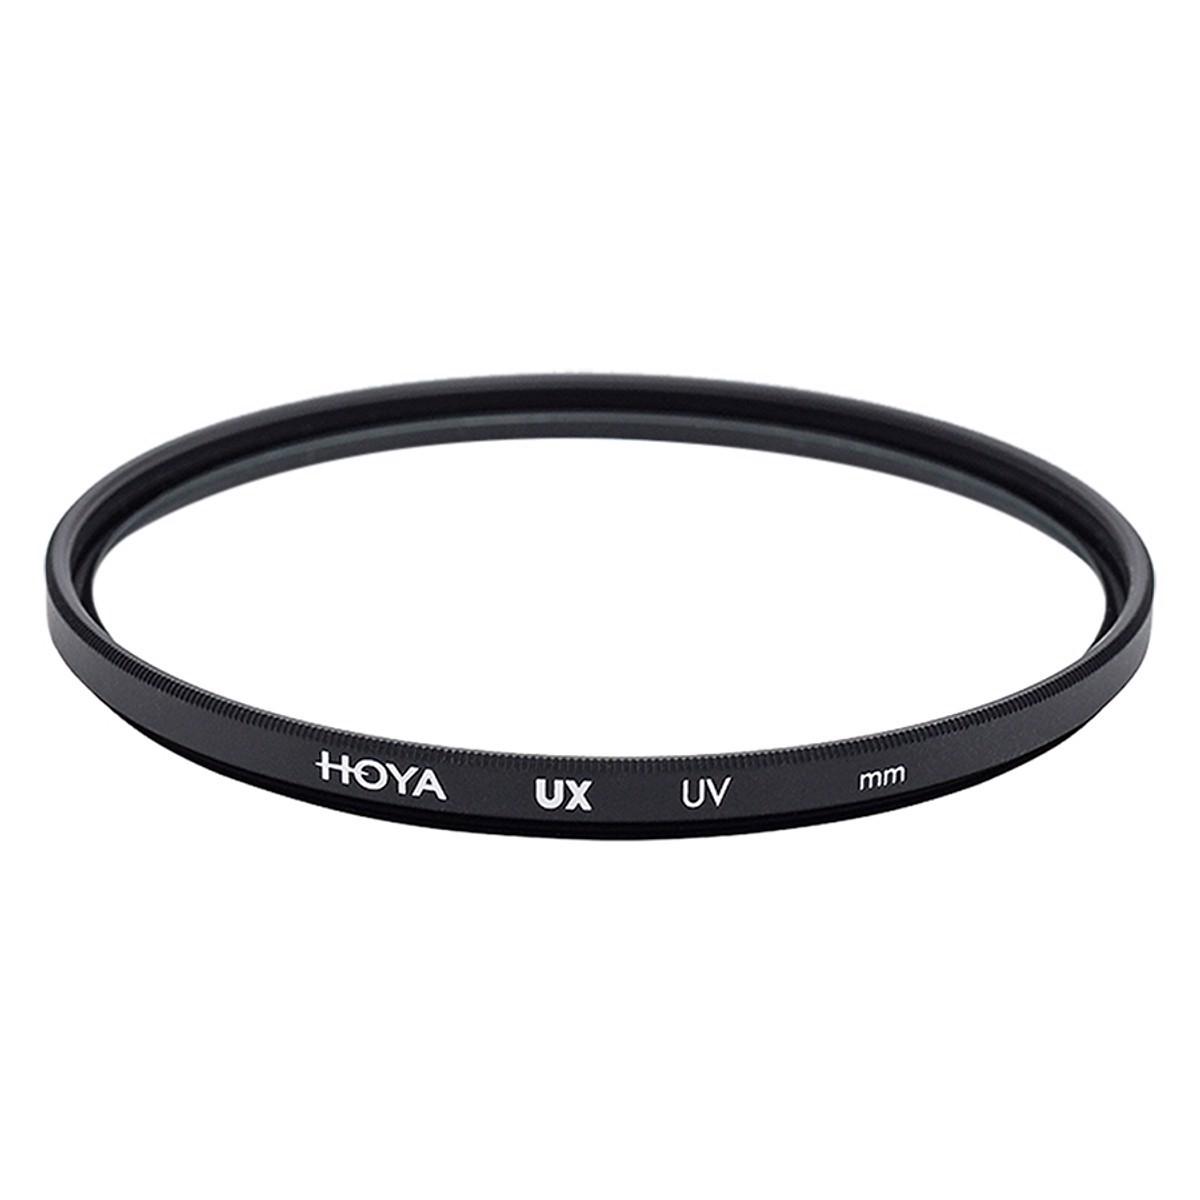 Kính Lọc Filter Hoya UX UV 67mm - Hàng Chính Hãng